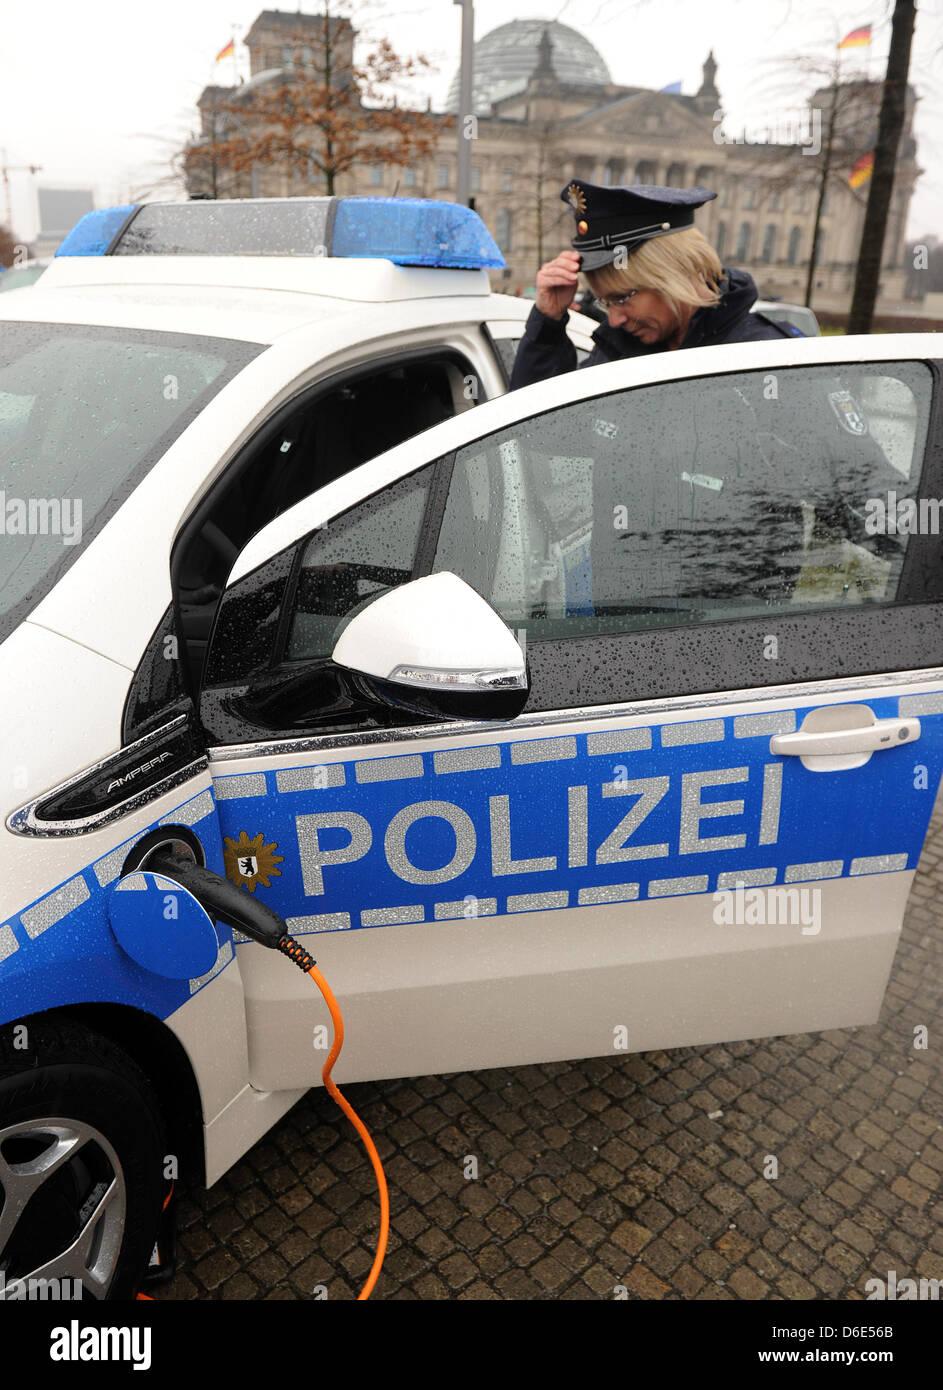 Einen Polizisten datieren, was zu erwarten ist